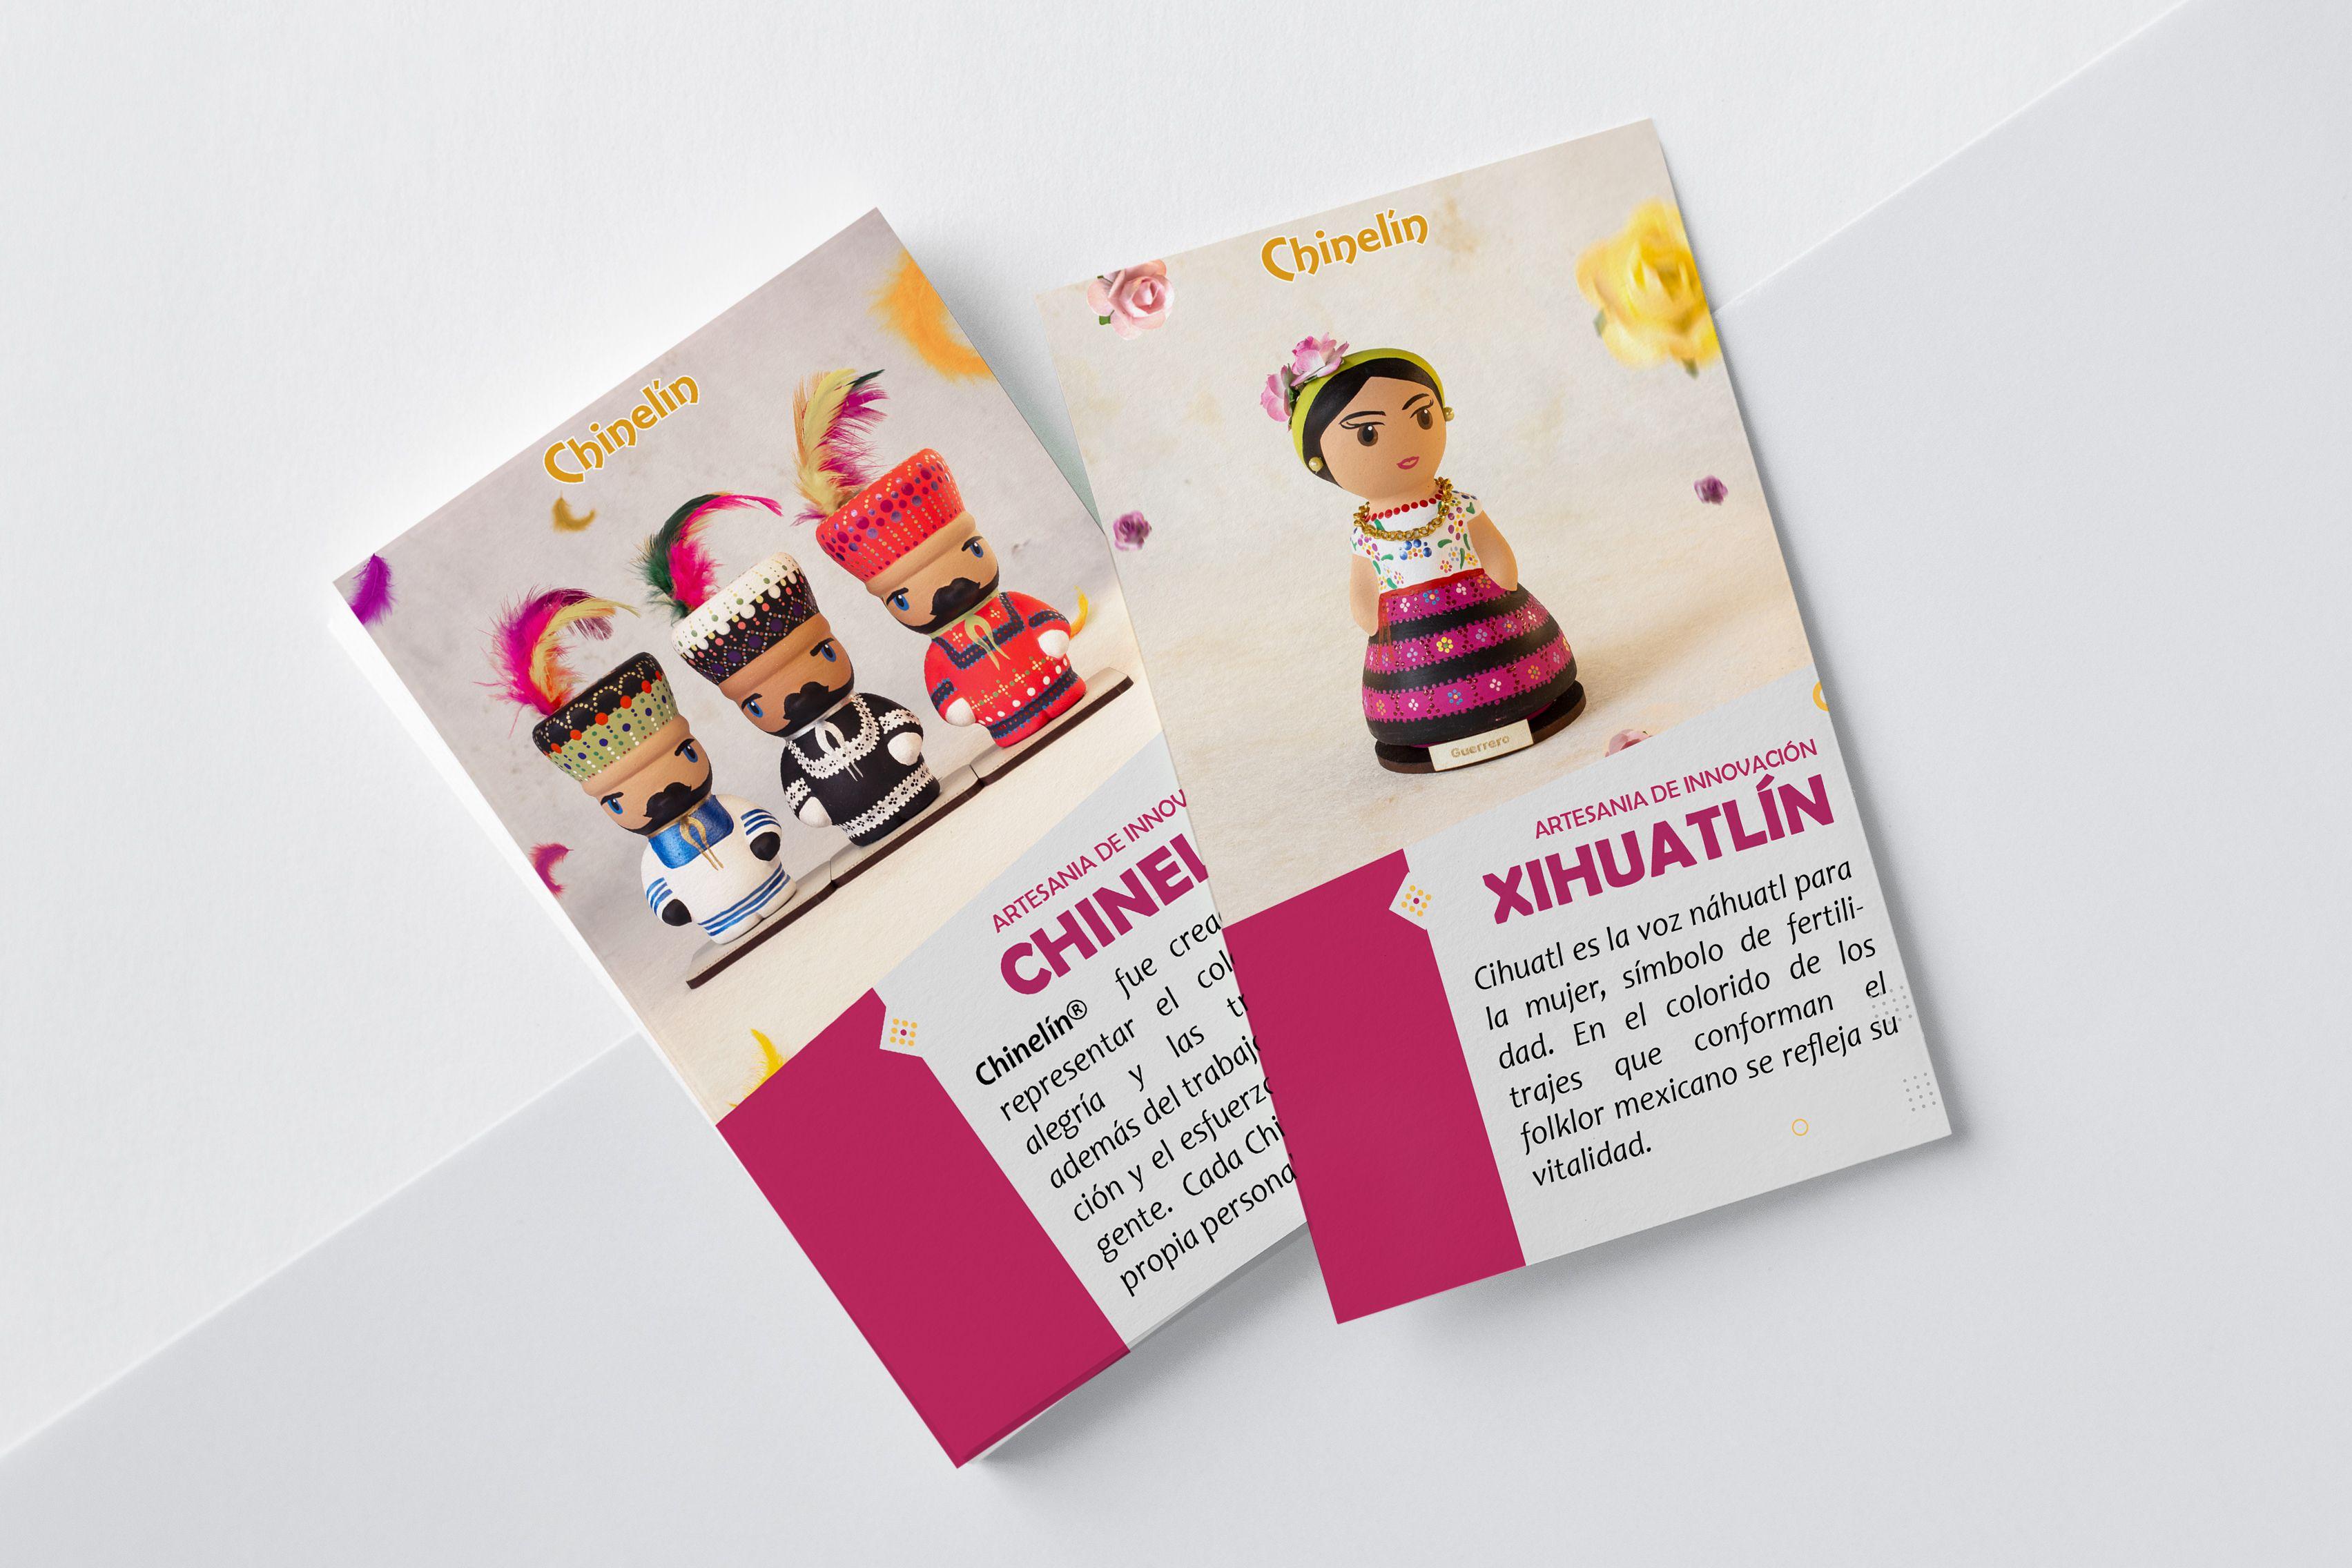 """Diseño grafico de artesanía mexicana """"Chinelín"""" una"""